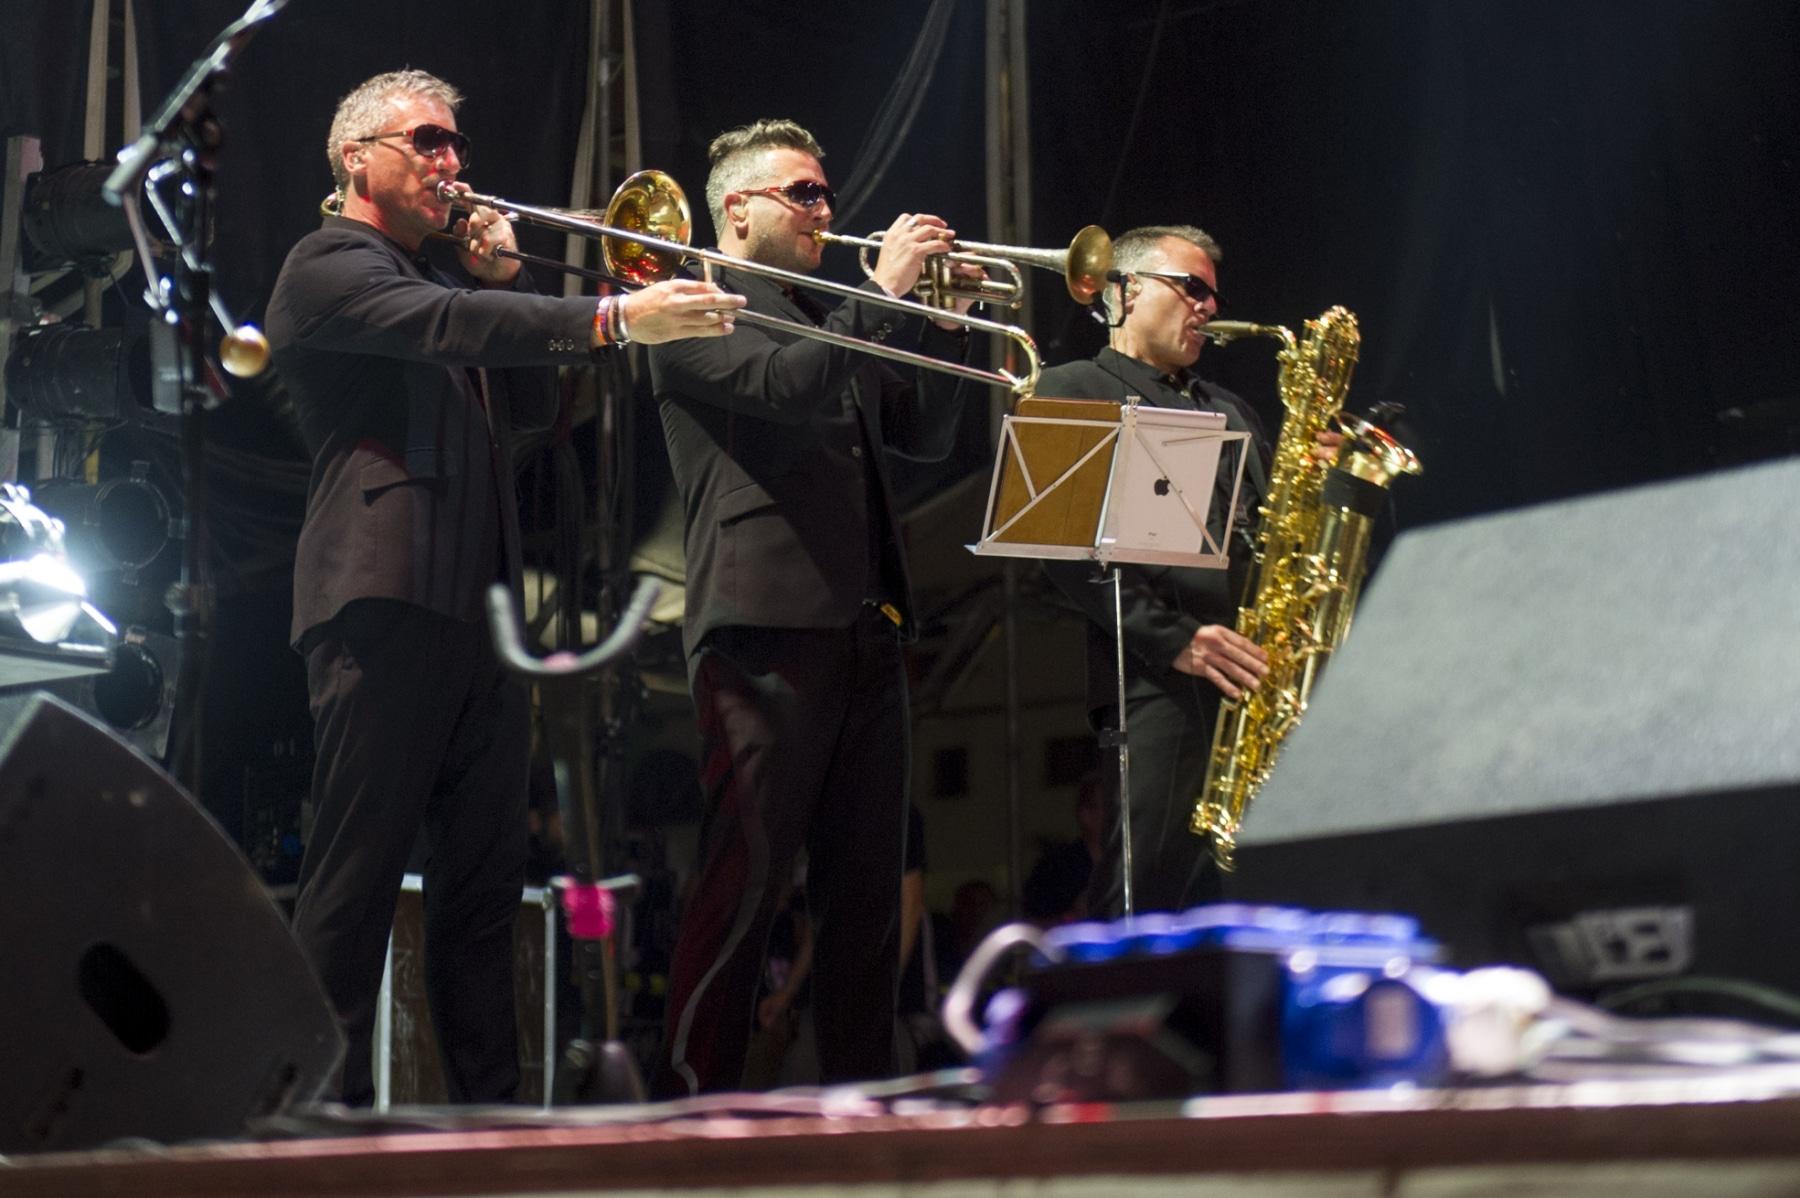 6-septiembre-2015-gibraltar-music-festival-2015-iii25_21216501695_o